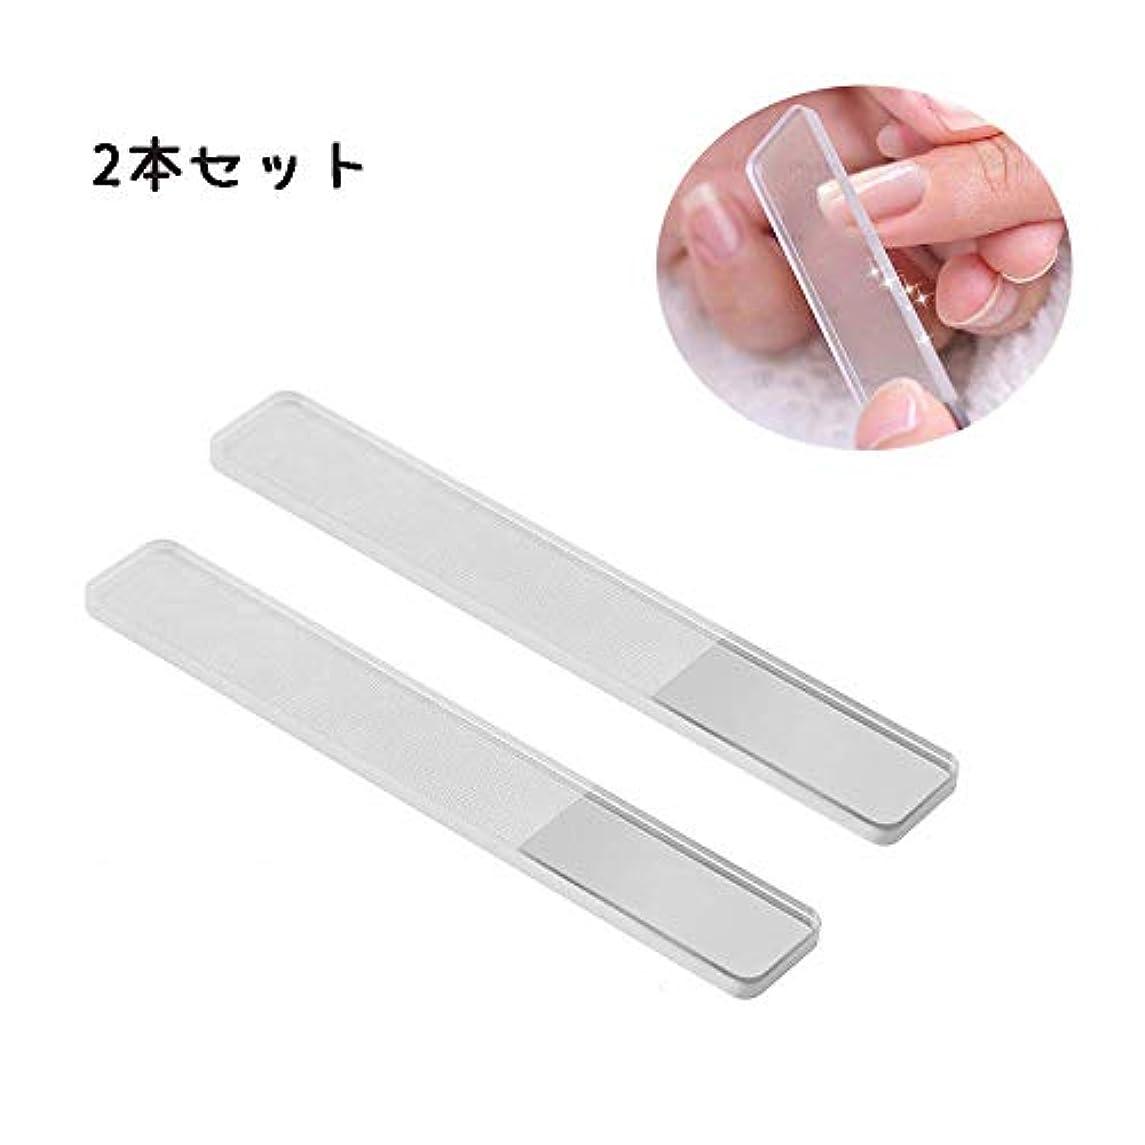 パーセント立ち寄る定数爪やすり ガラス 爪磨き ガラス製 ネイルシャイナー ピカピカ ネイルケア ナノ技術が生んだ全く新しい 甘皮処理 携帯便利 収納ケース付き 2本 セット (2pcs)